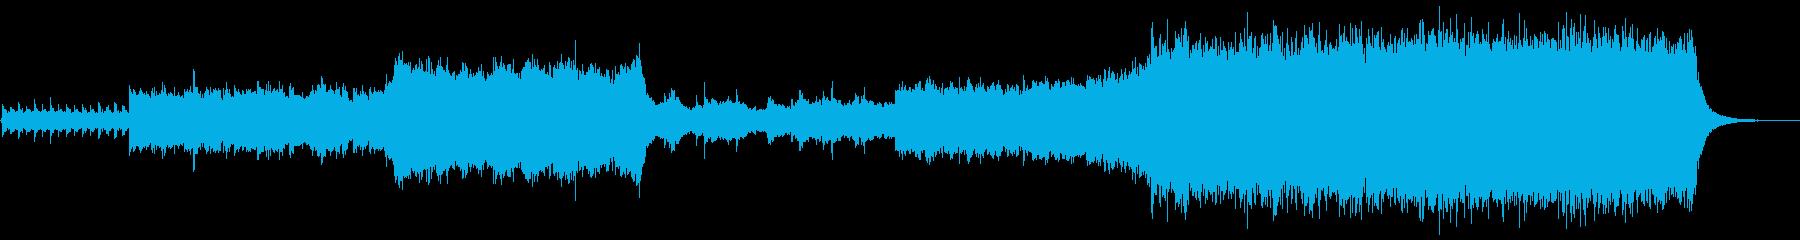 感動的なエピックオーケストラの再生済みの波形